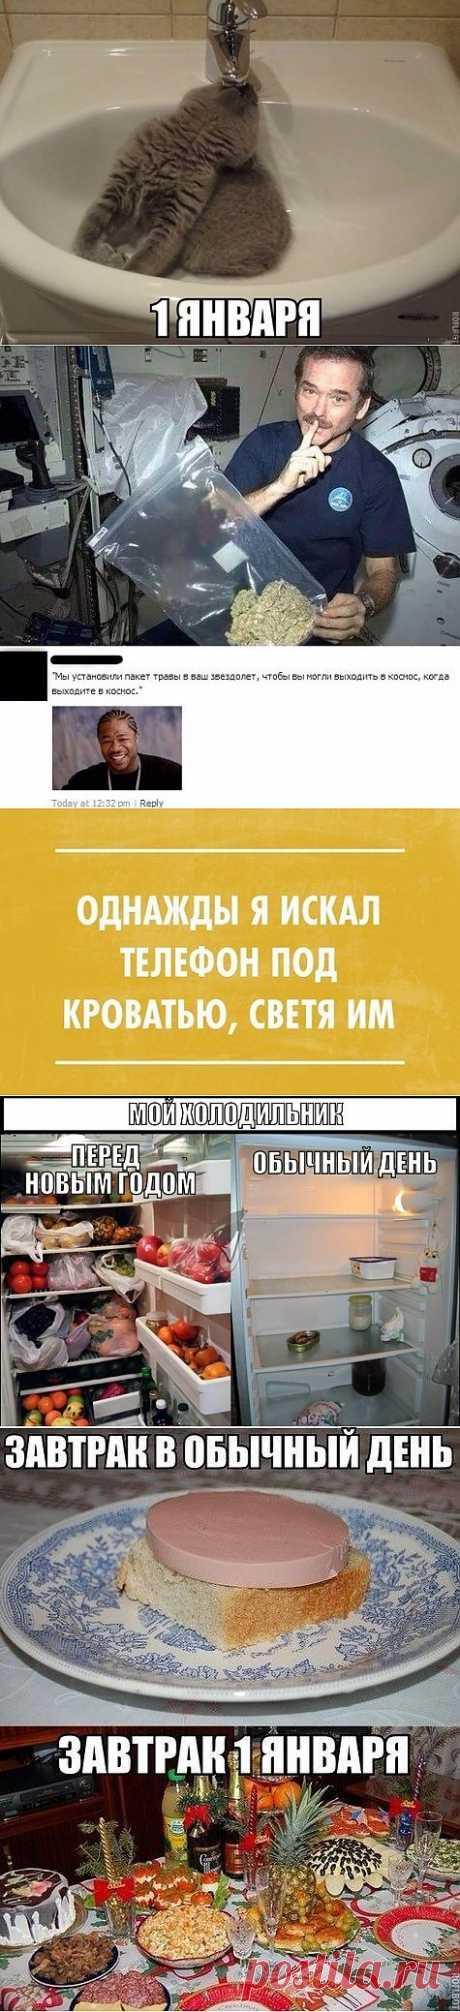 BestMem.ru - отборный юмор Выпуск от 30.12.2013 Зацени новые приколы! - kabinetskiy@mail.ru - Почта Mail.Ru